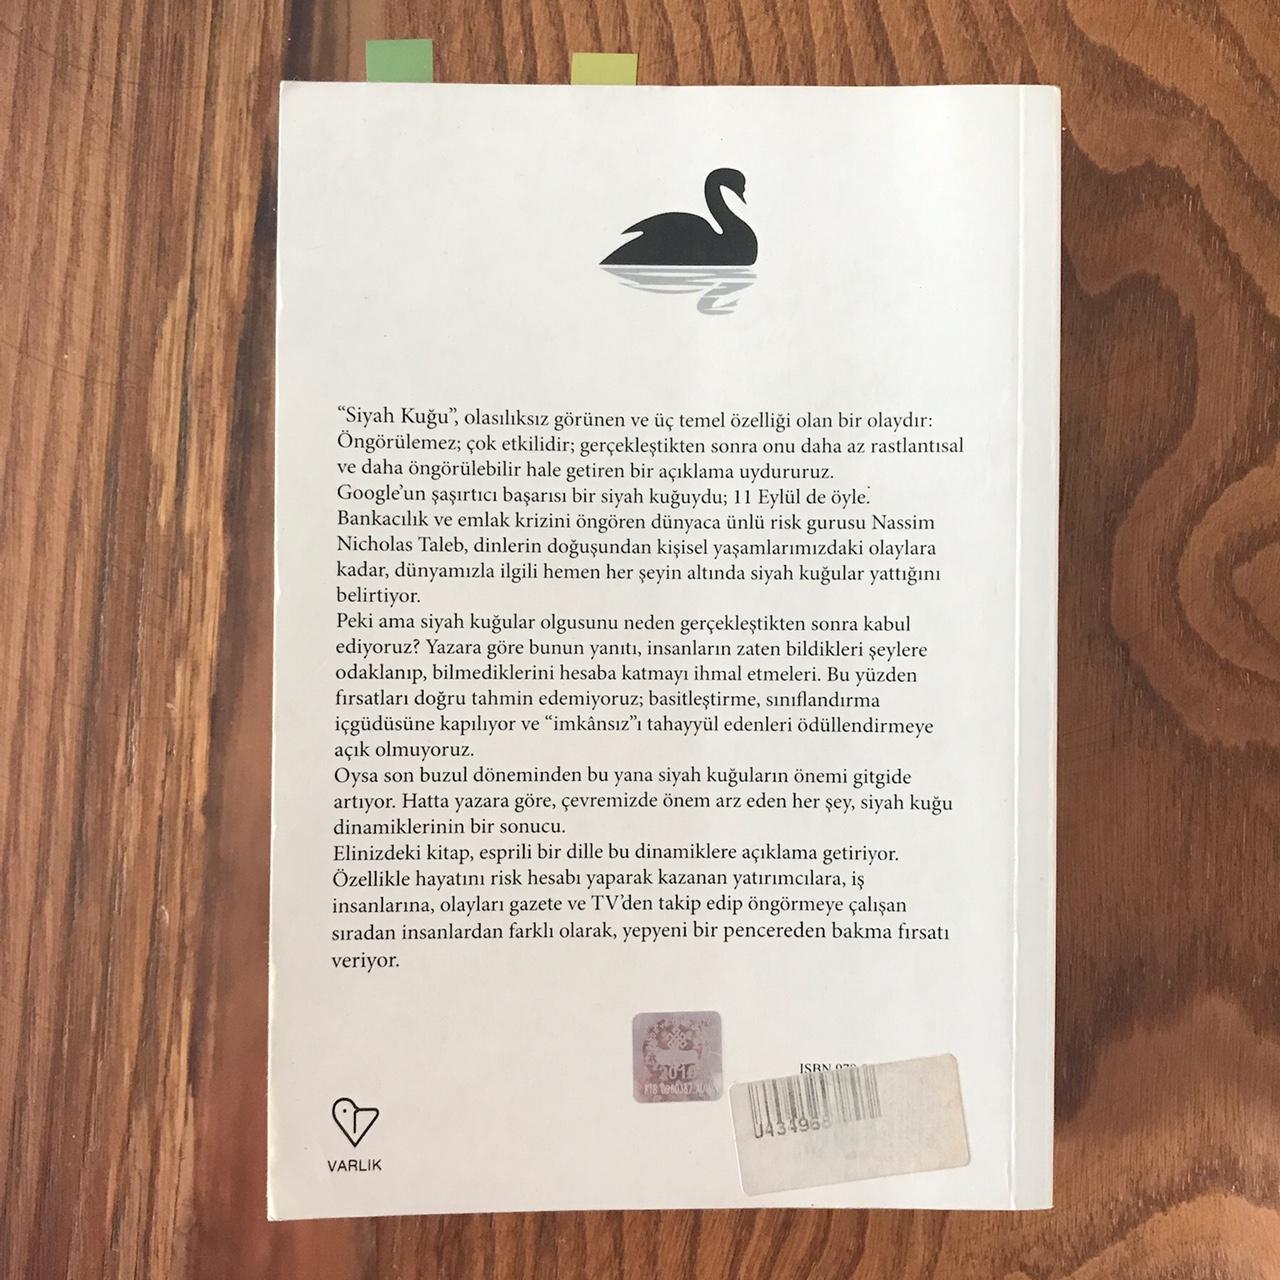 Siyah Kugu - Olasiliksiz Gorunenin Etkisi (Kitap)